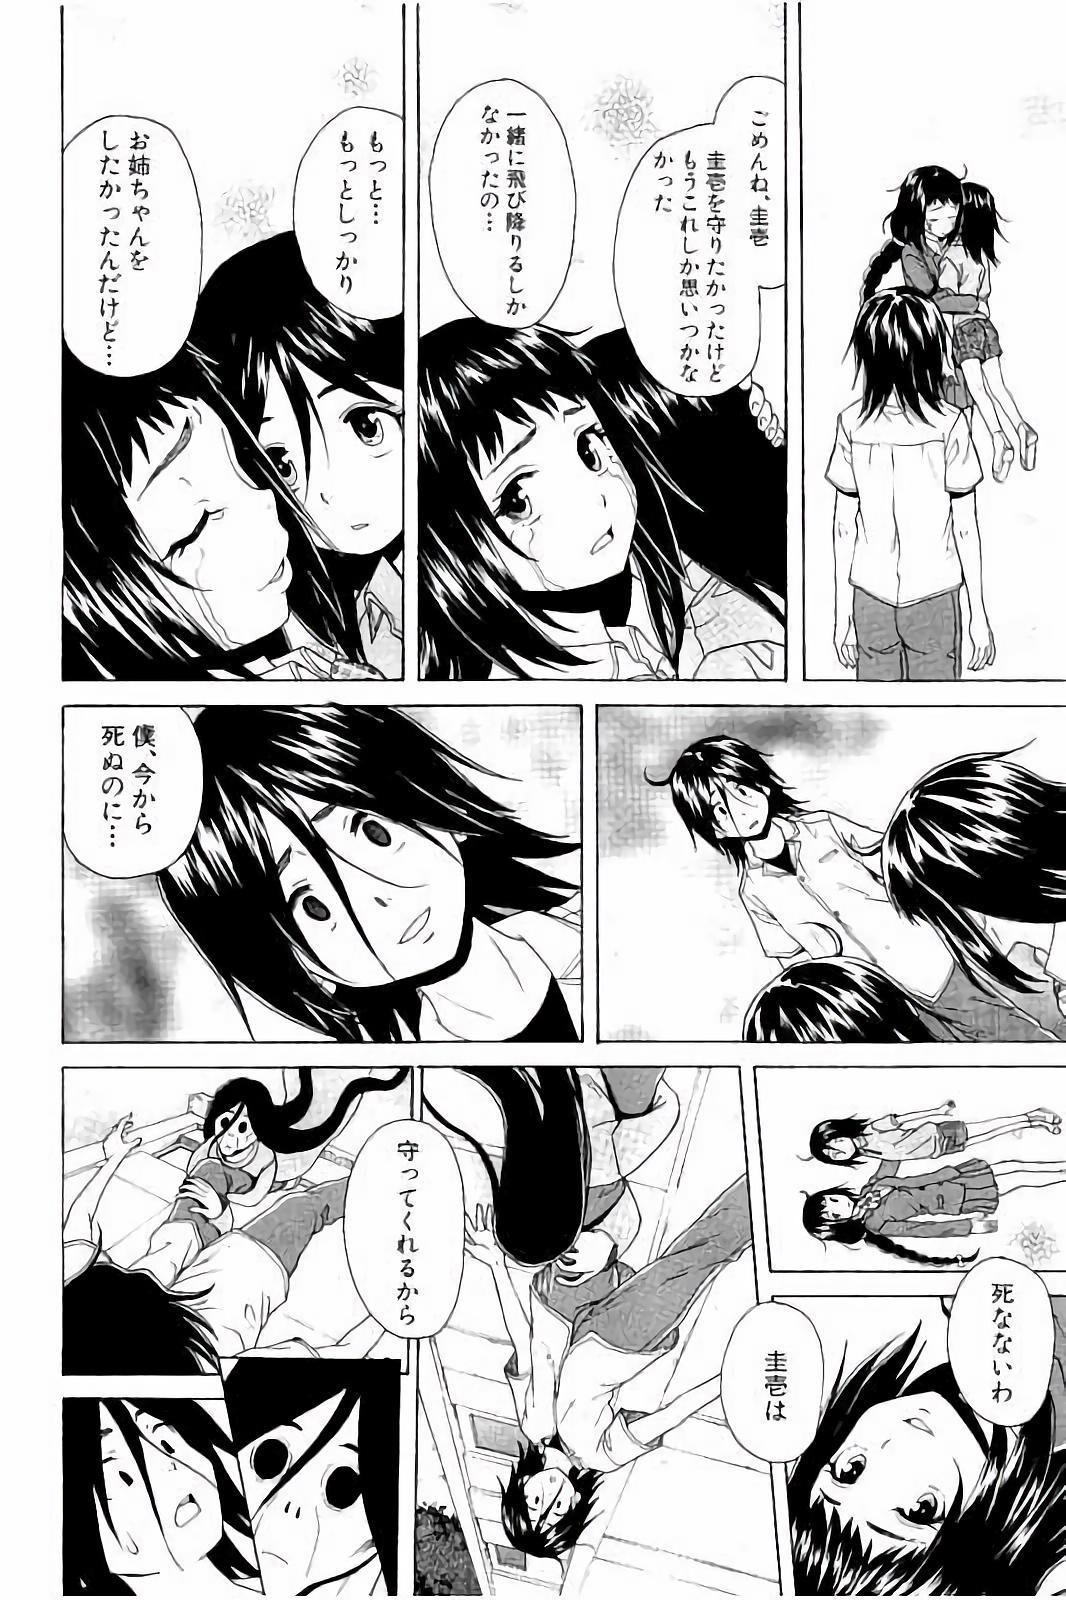 Ane no Himitsu To Boku no Jisatsu 157